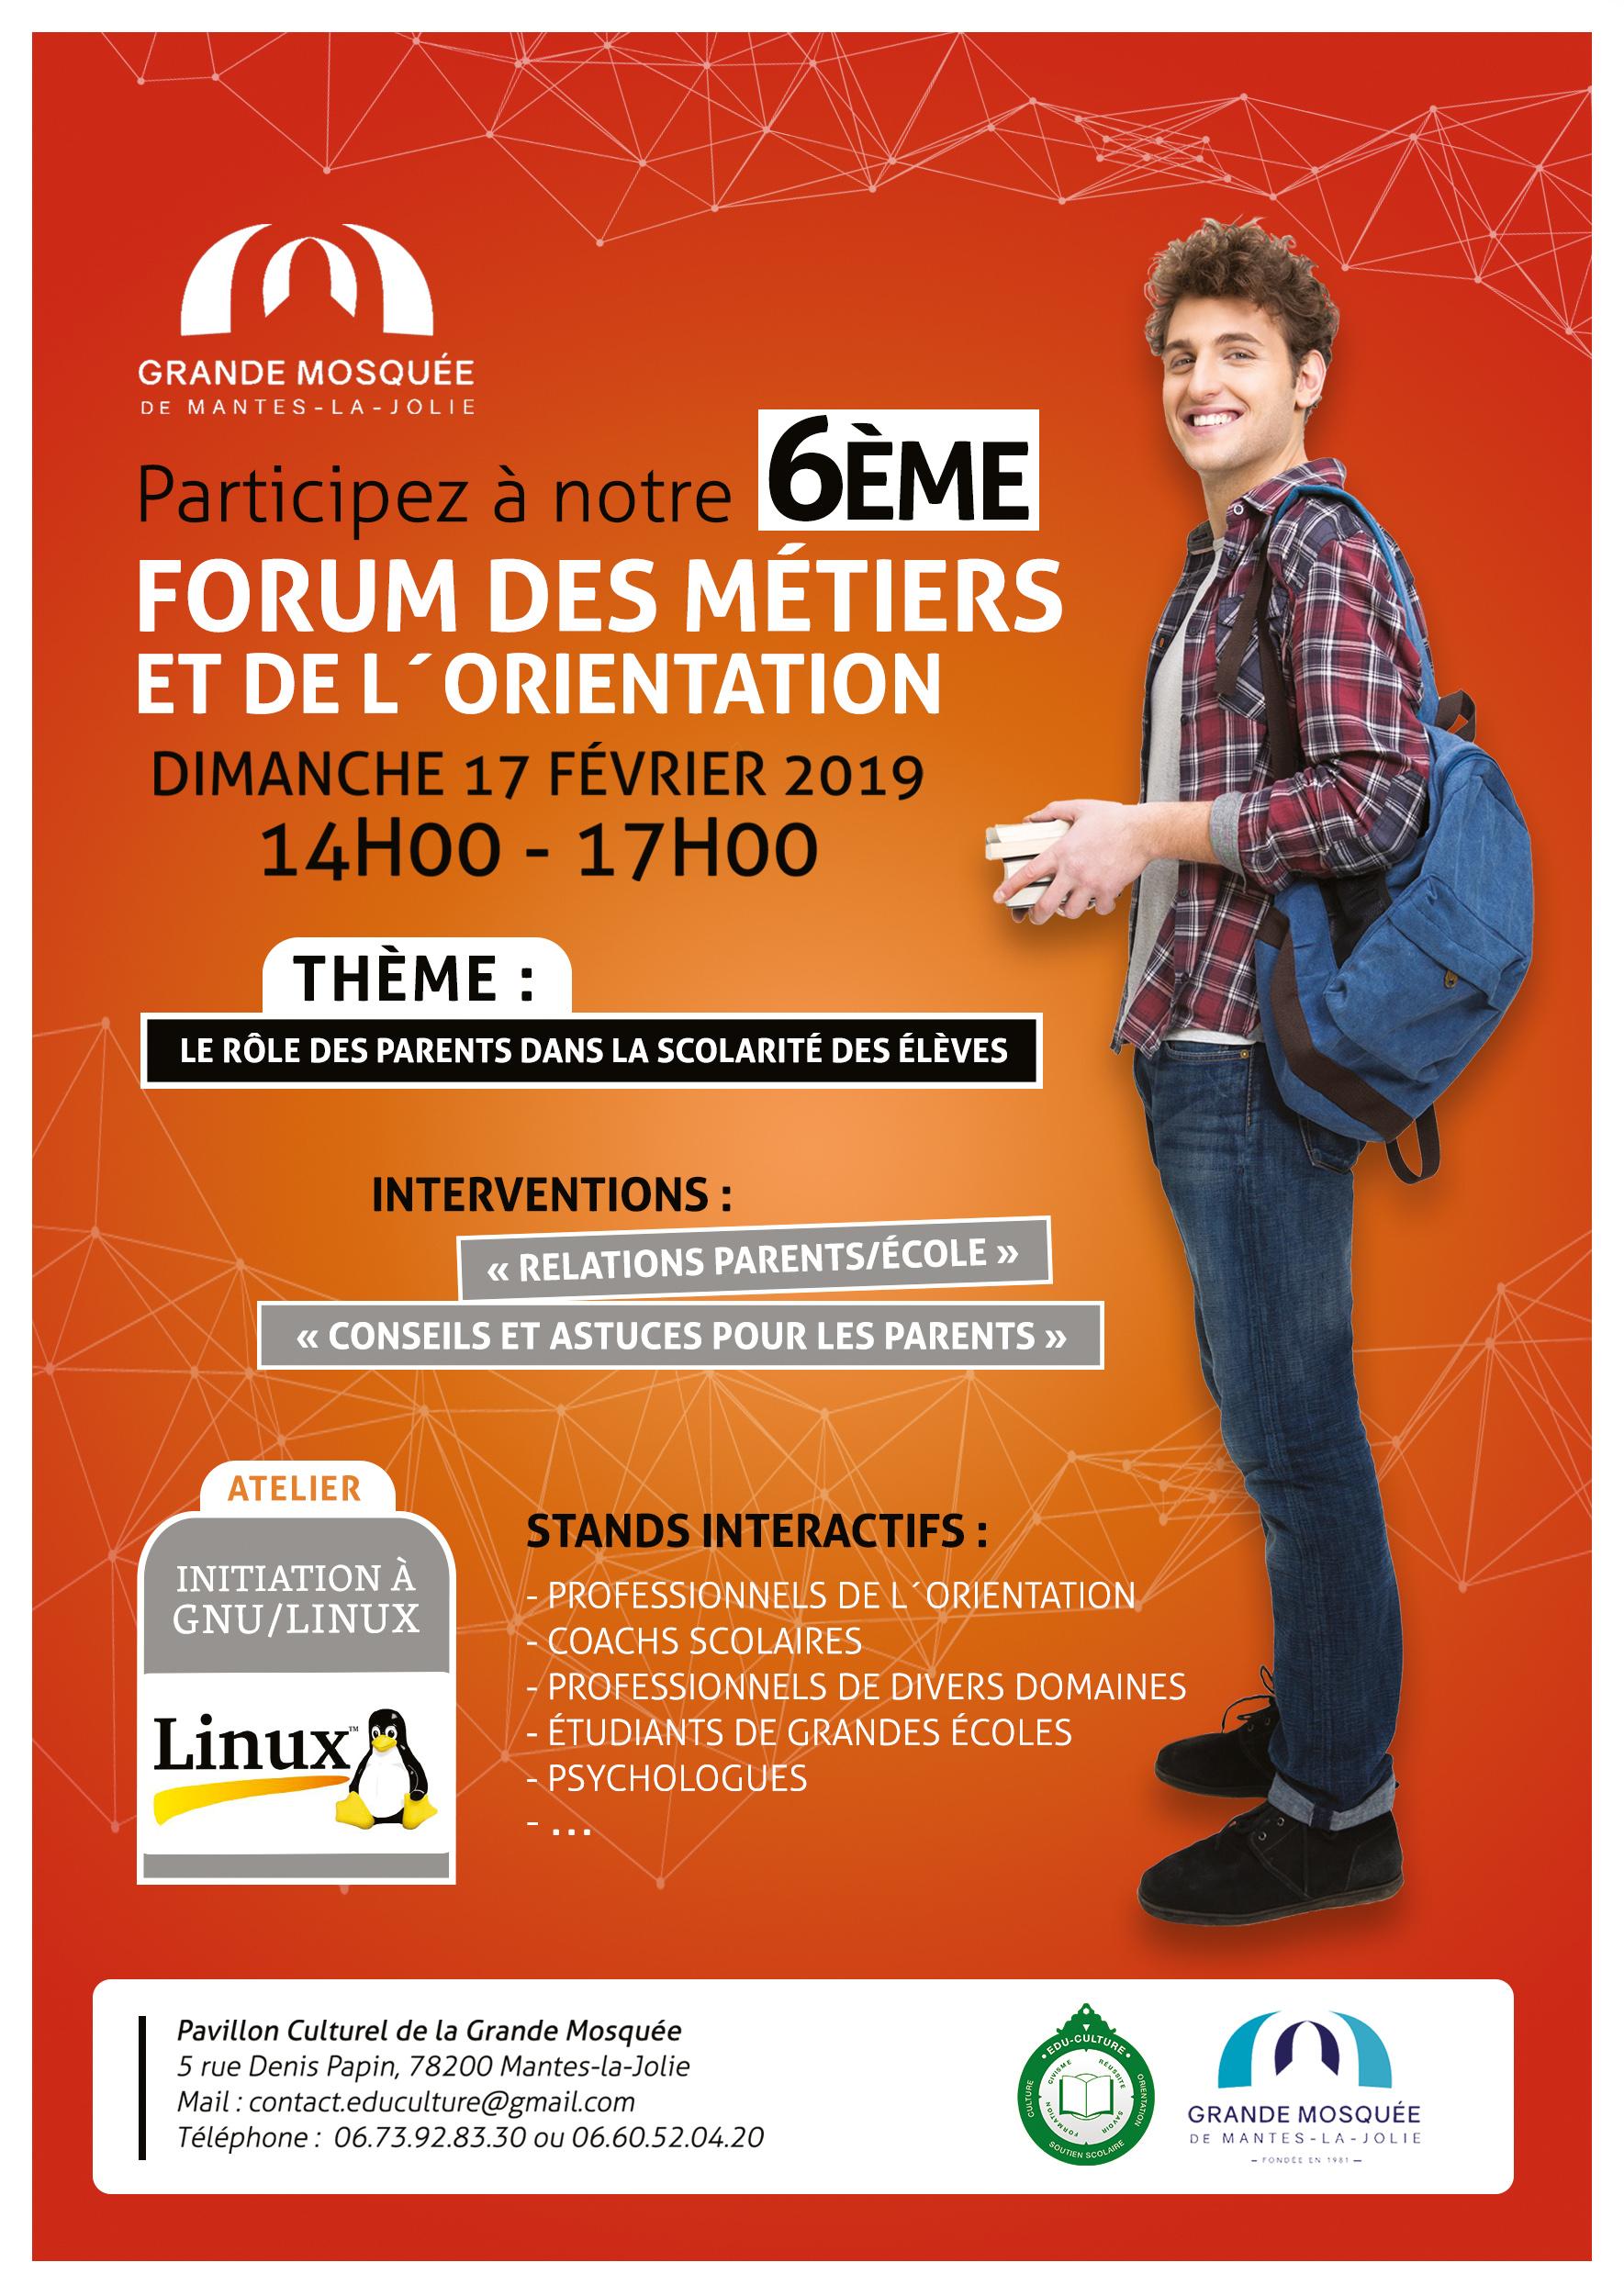 https://www.saphirnews.com/agenda/Forum-des-metiers-et-de-l-orientation-6e-edition_ae623631.html